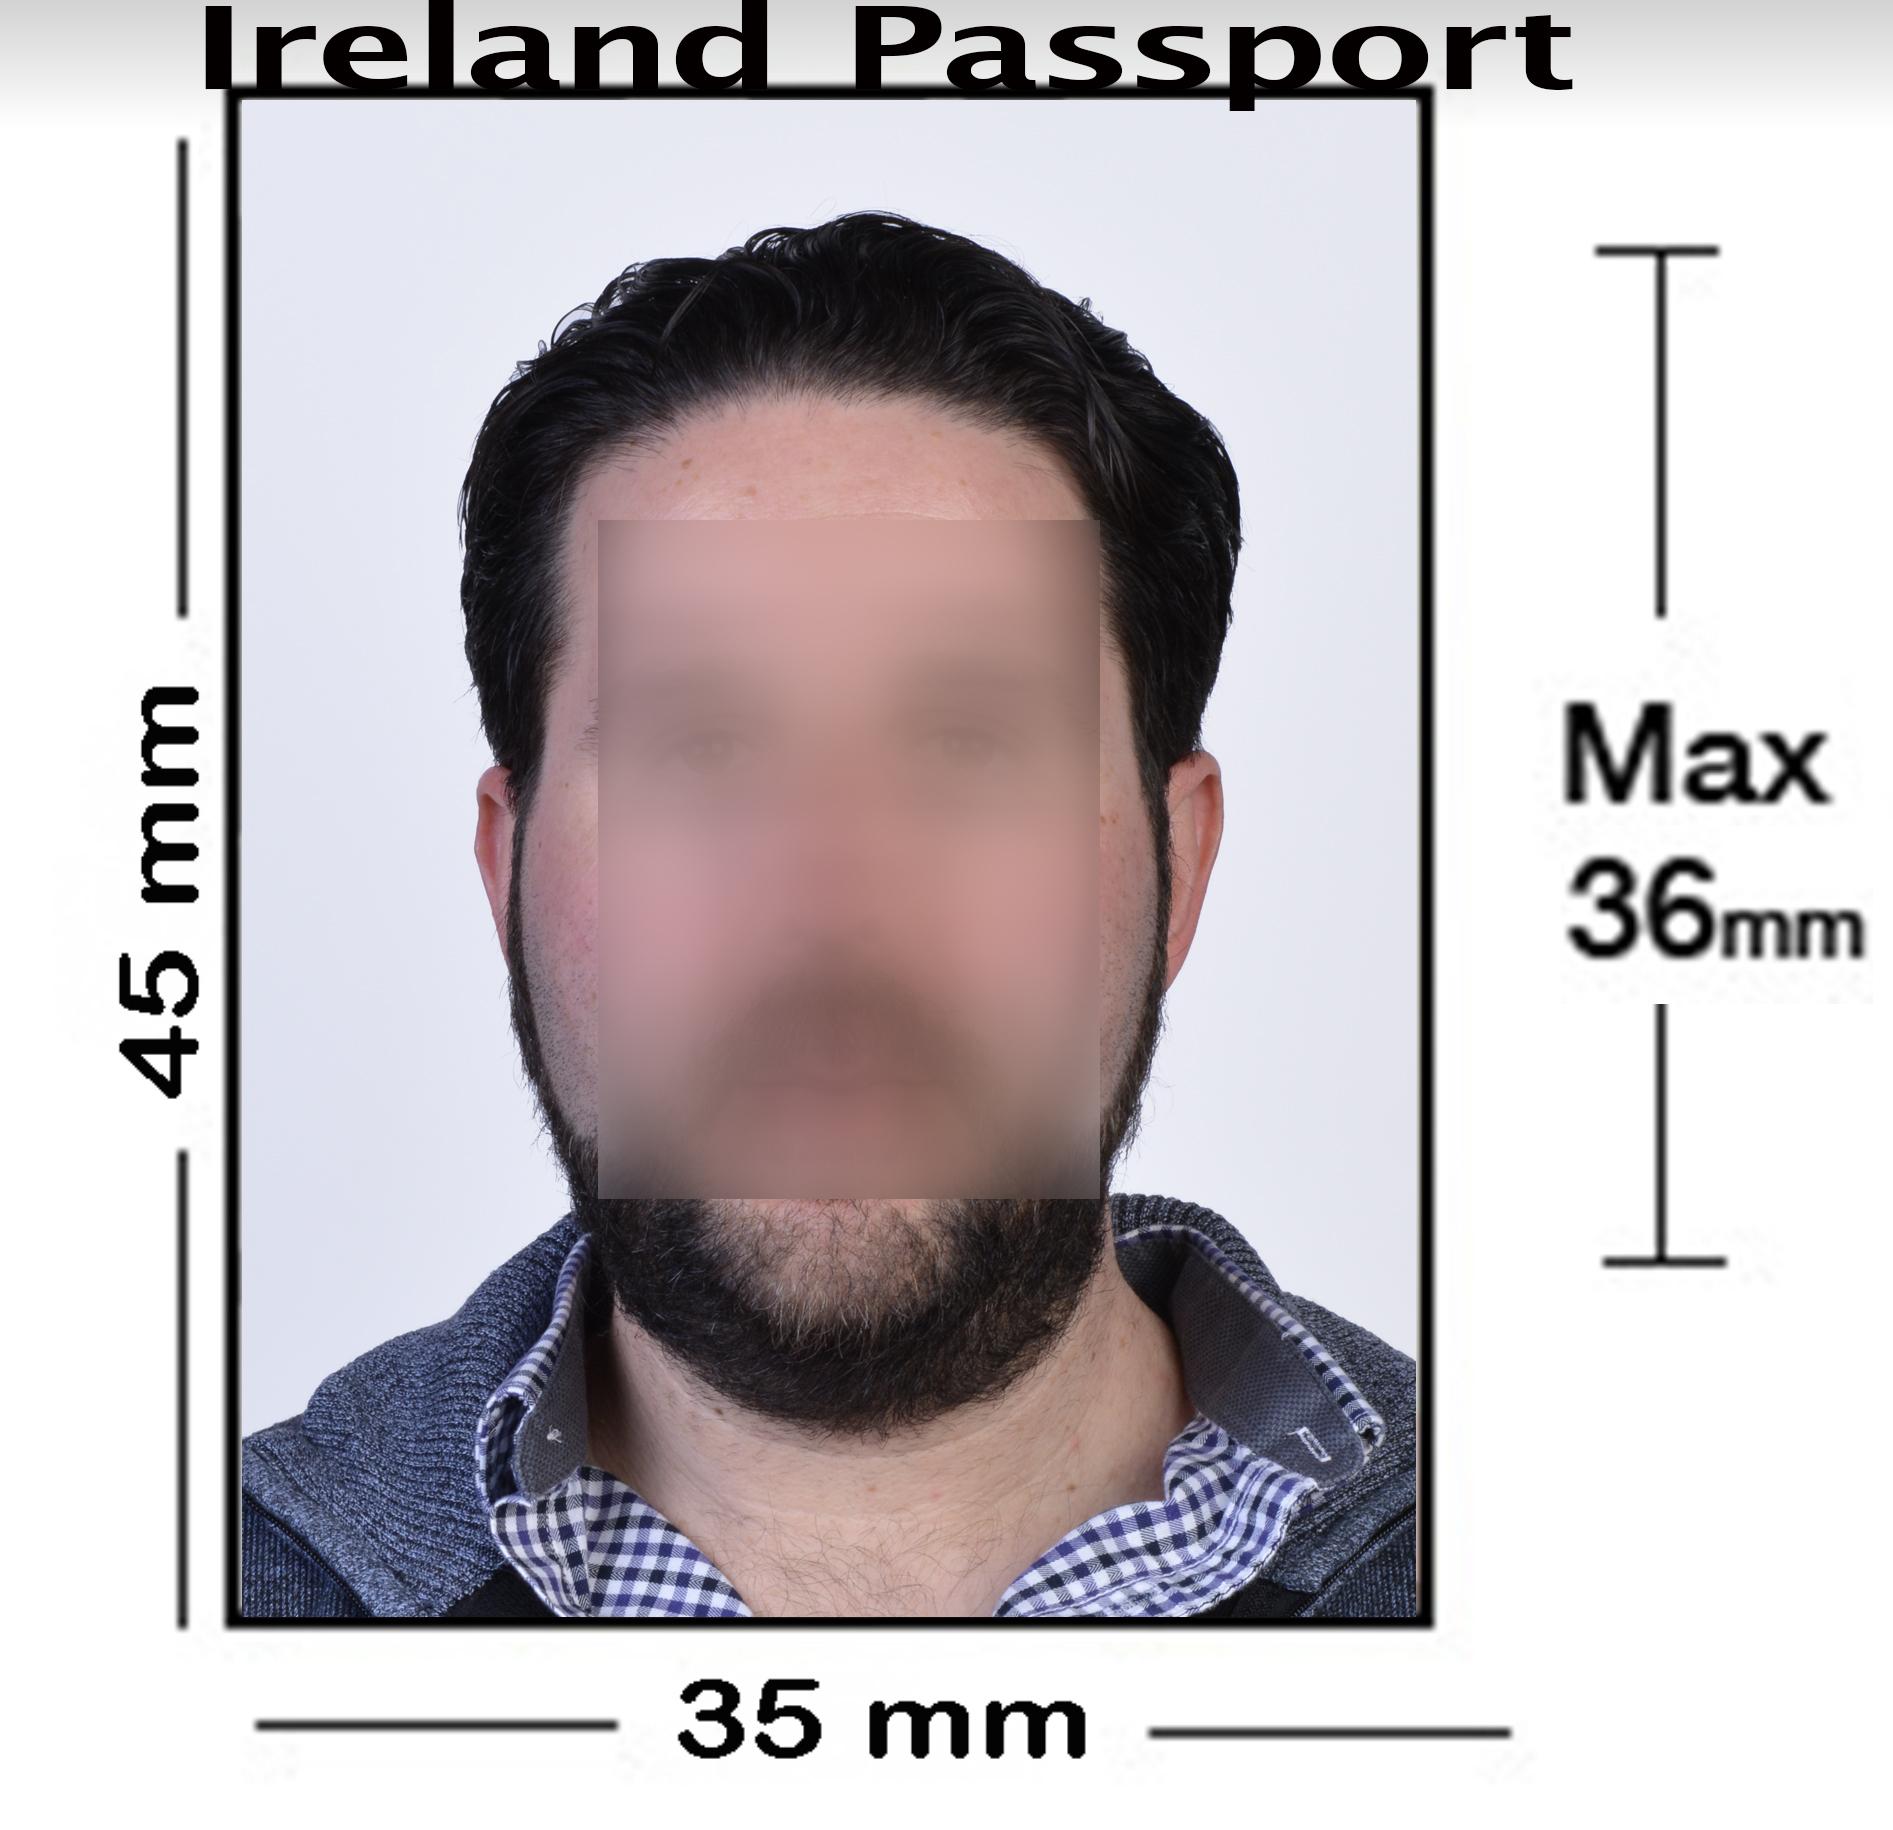 Ireland Passport Photo NYC